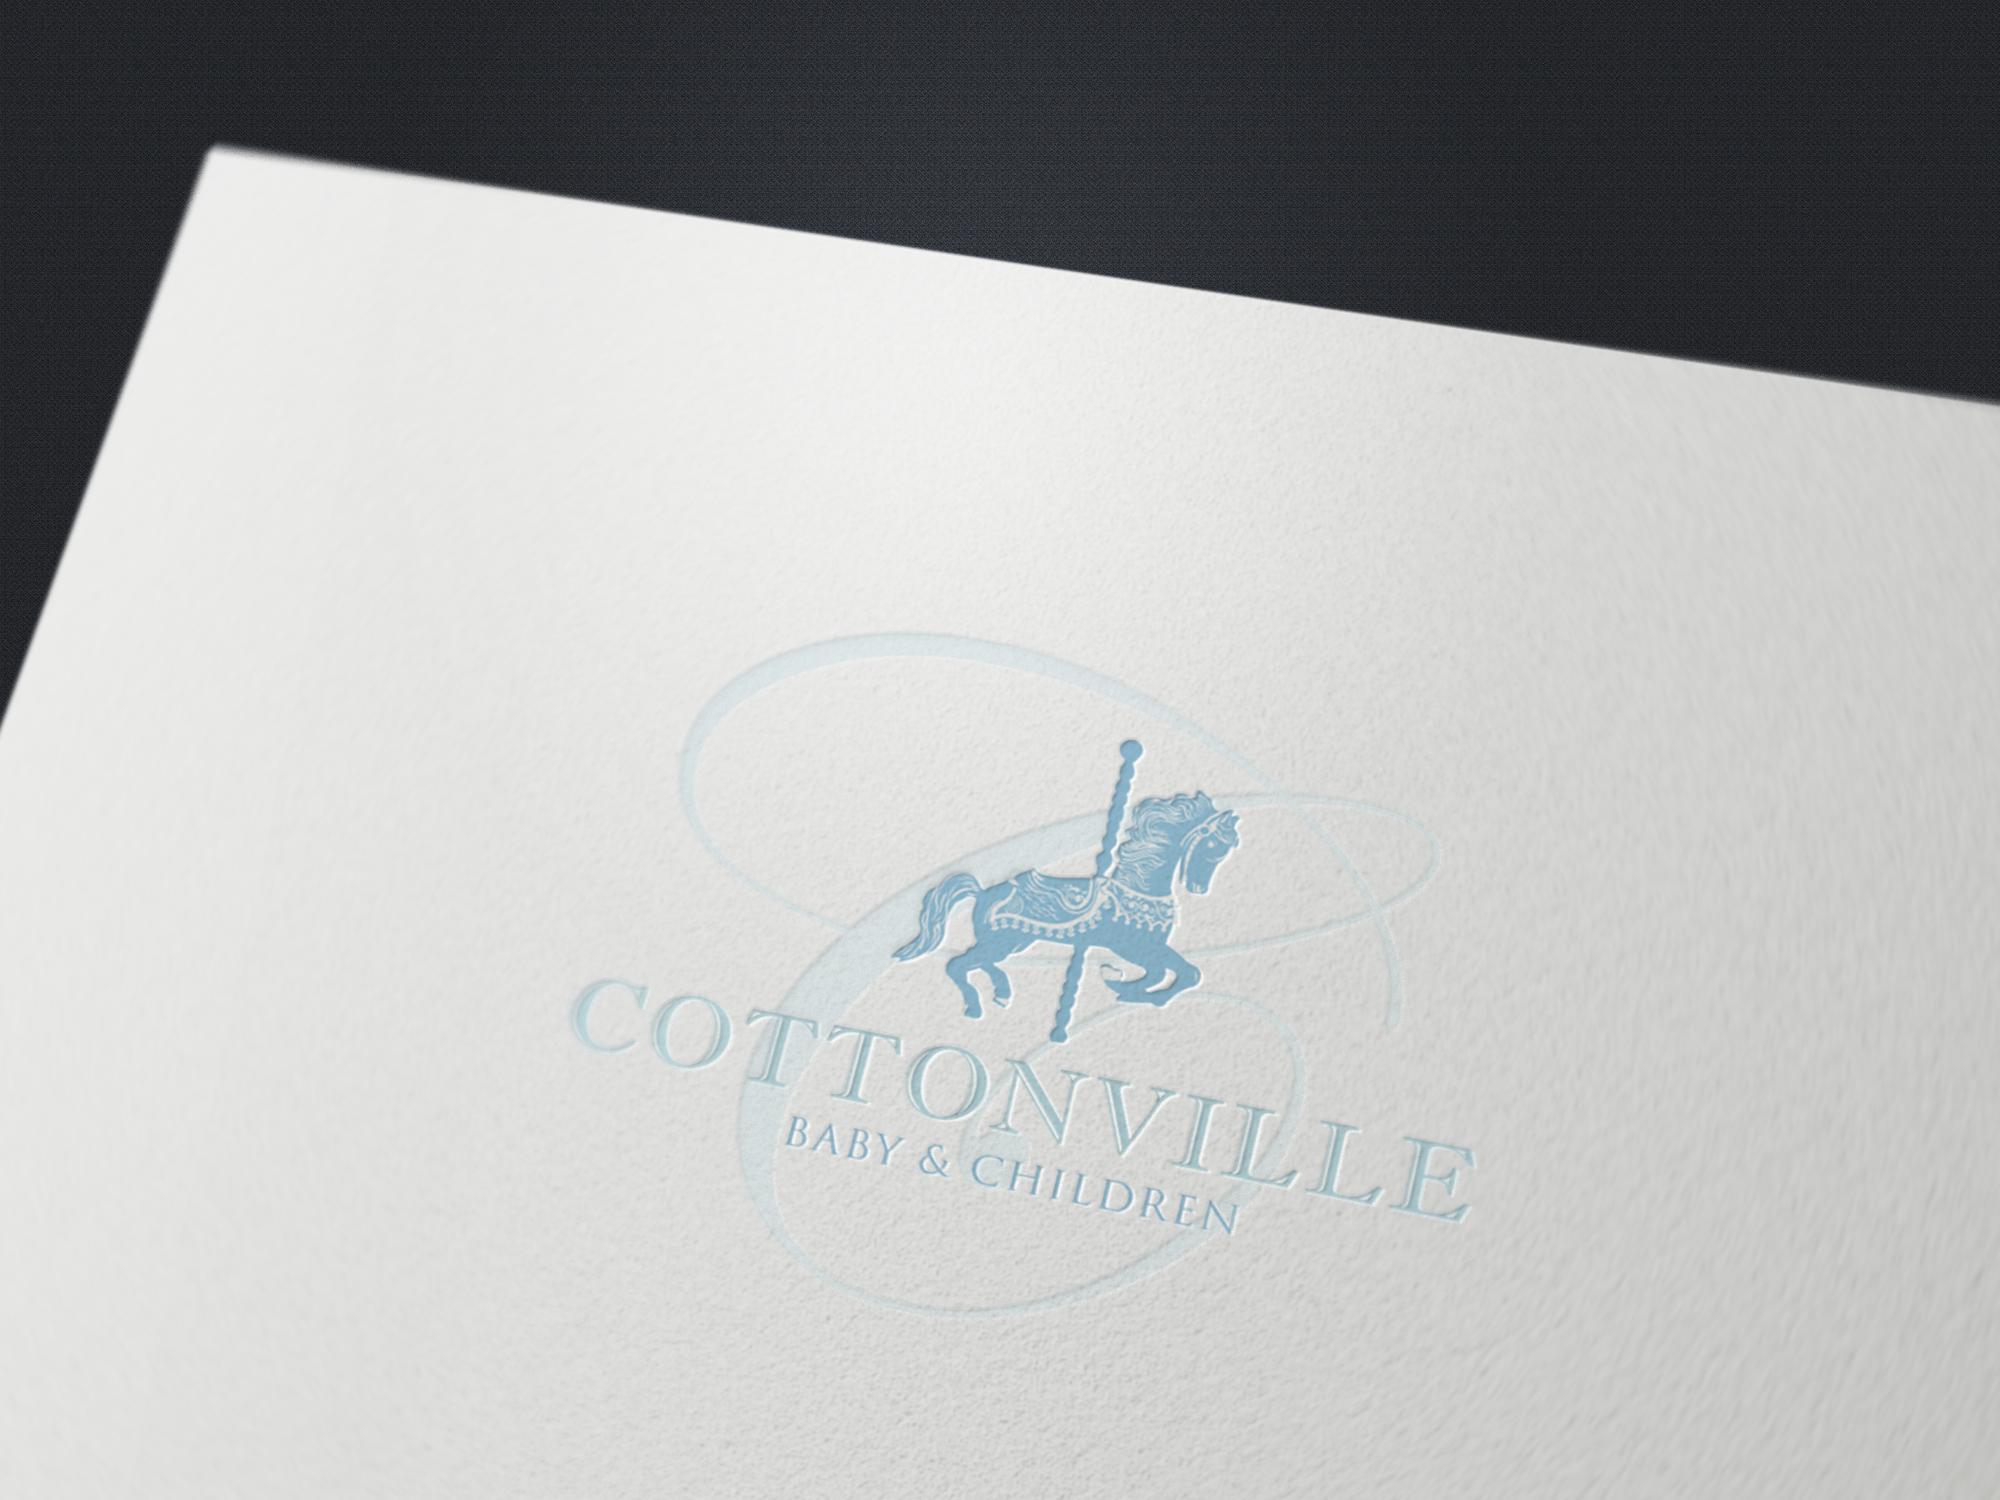 cottonville